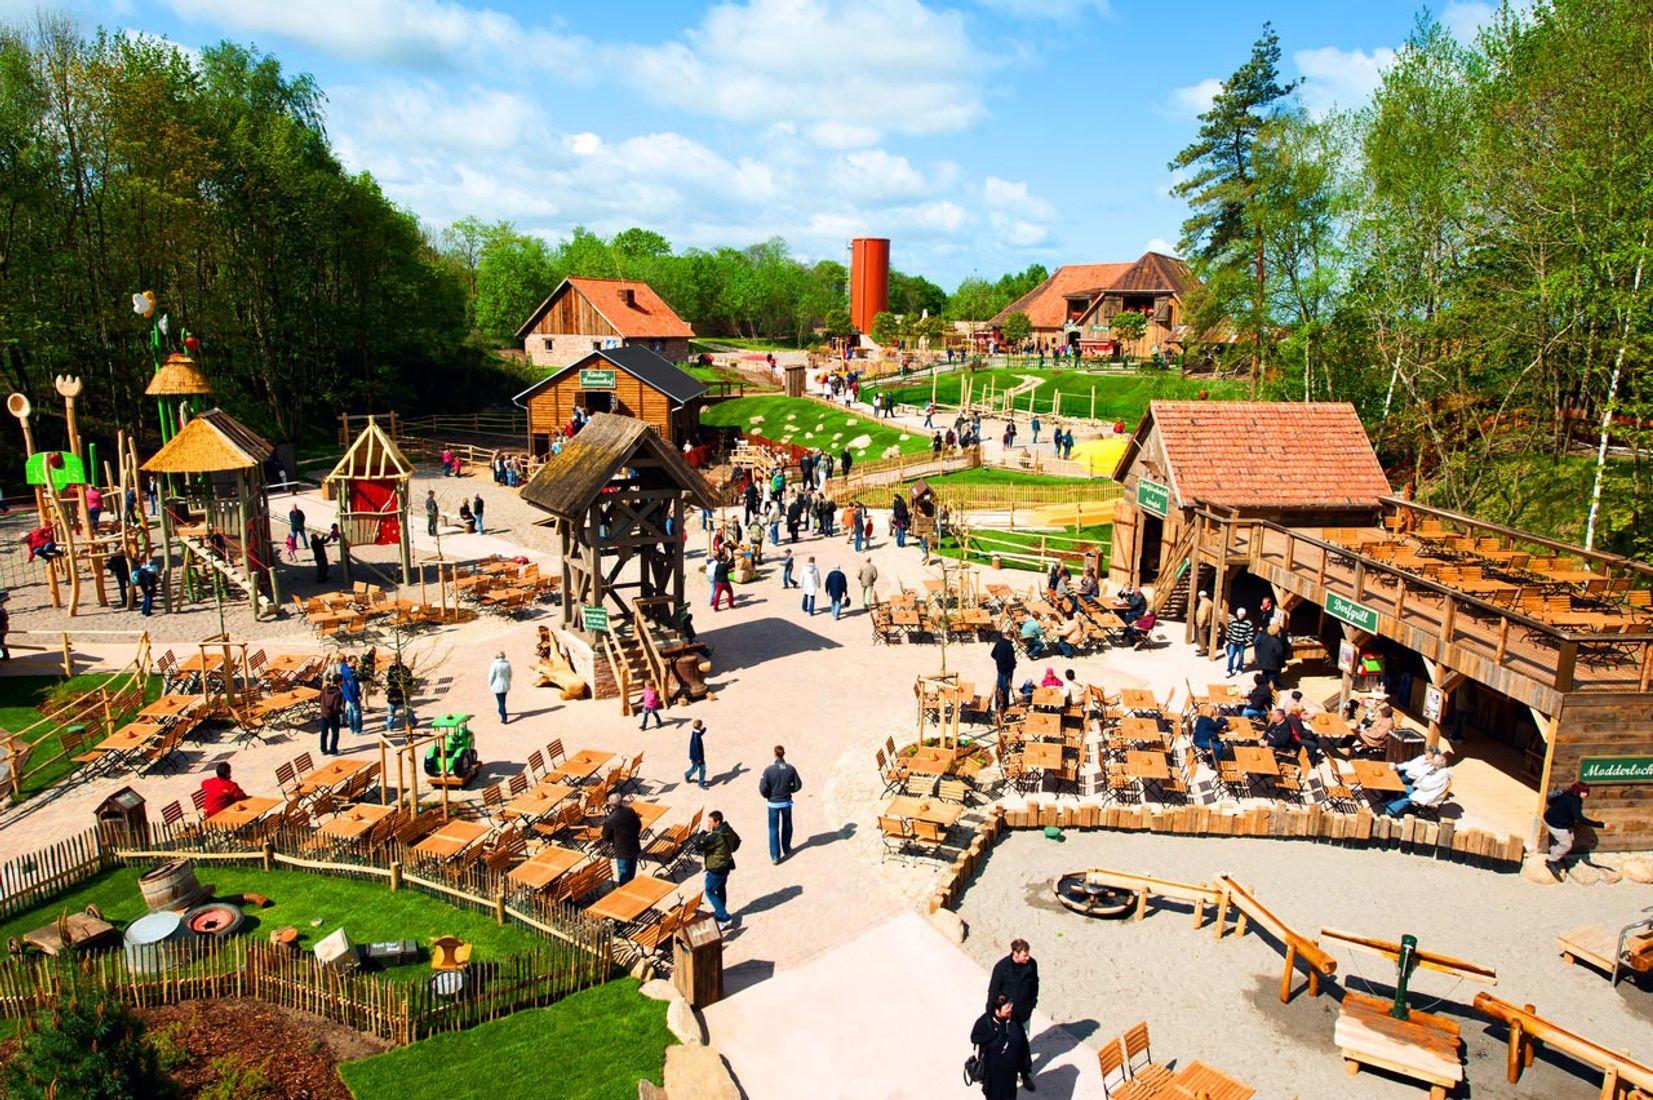 Zirkow Erlebnis-Dorf gesamt